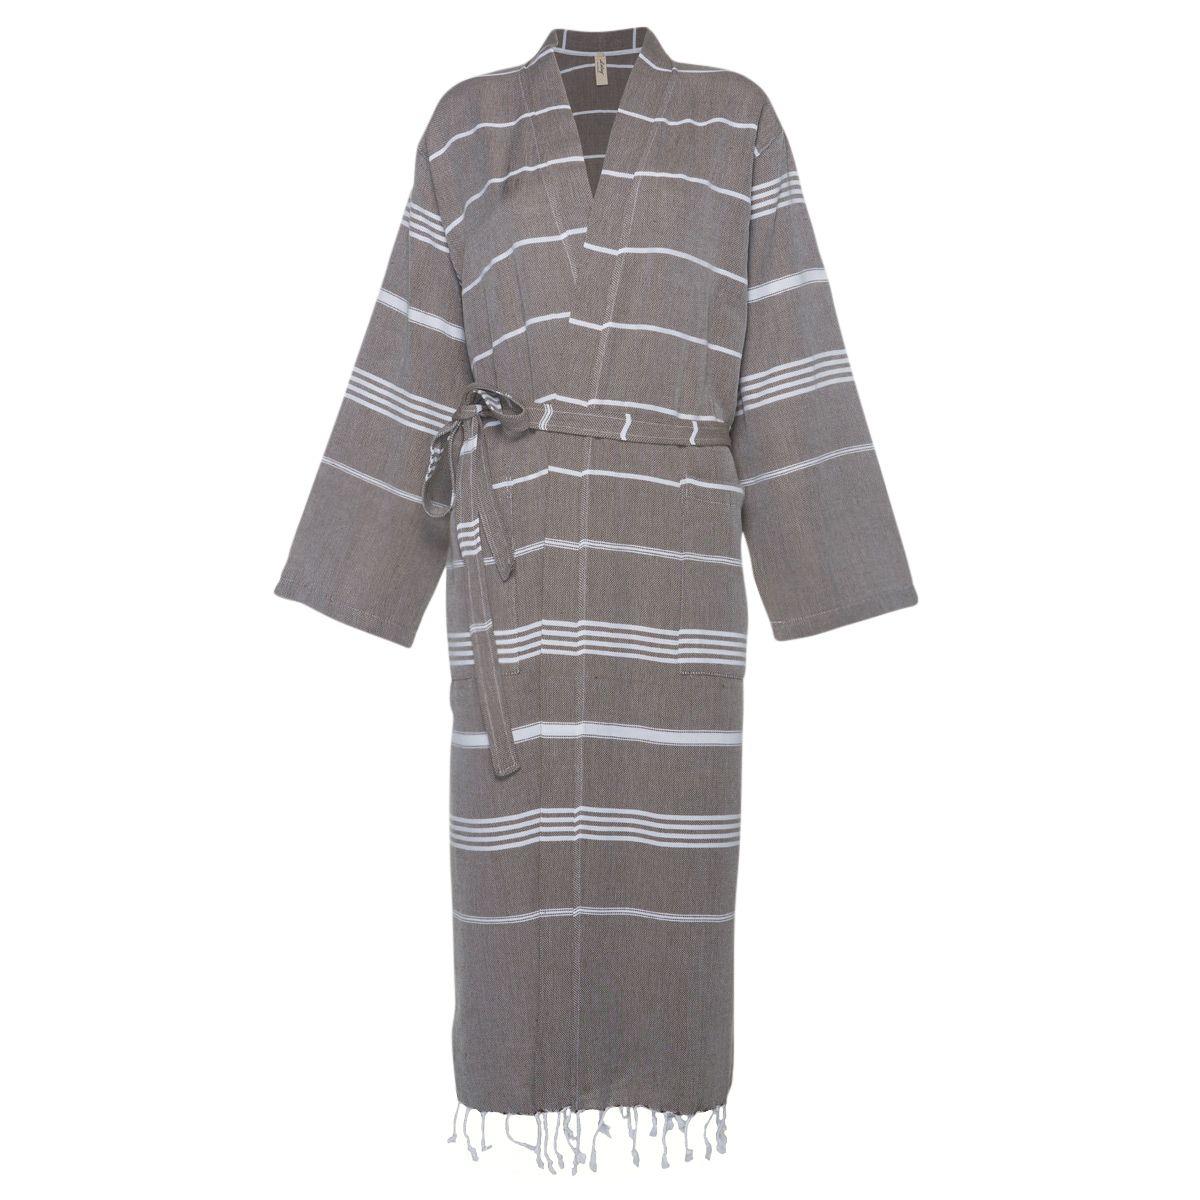 Bathrobe Leyla / Kimono Collar - Khaki